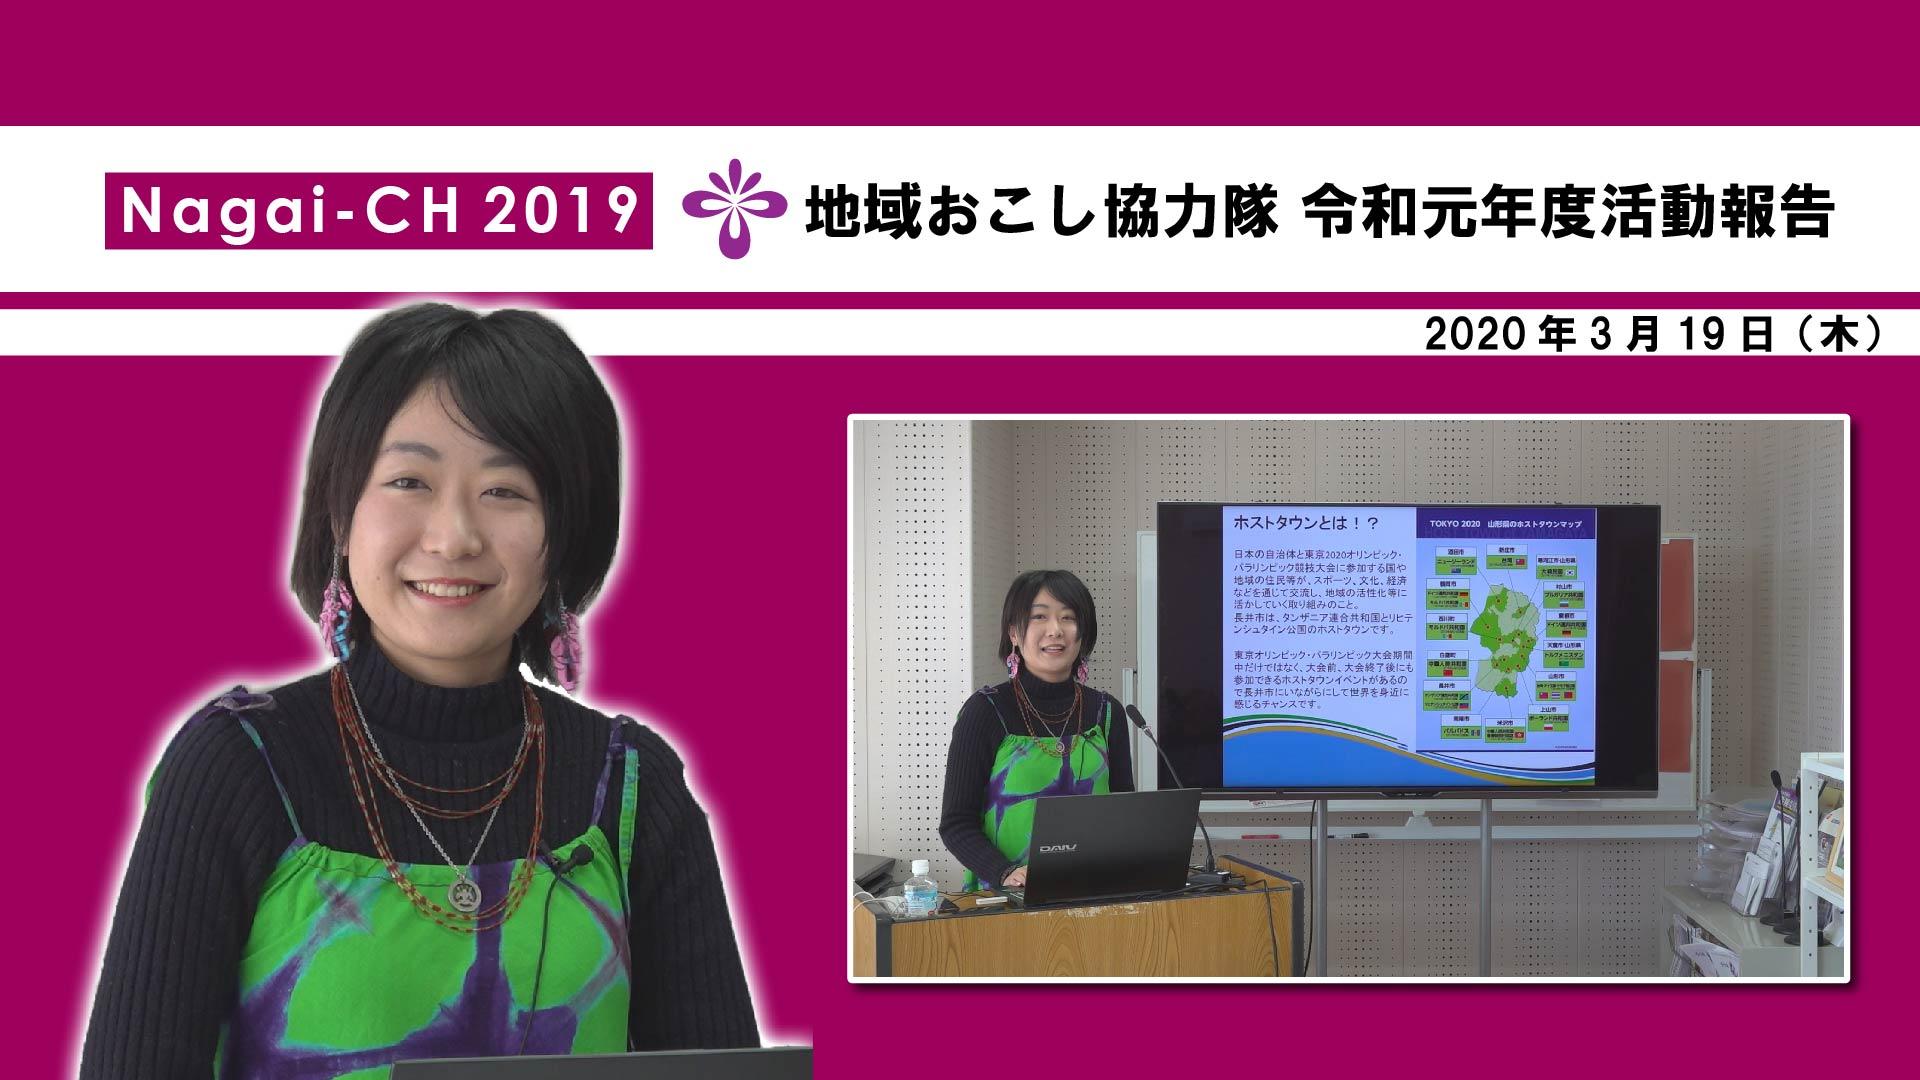 【長井市】地域おこし協力隊 令和元年度活動報告<所里帆さん>(令和2年3月19日)